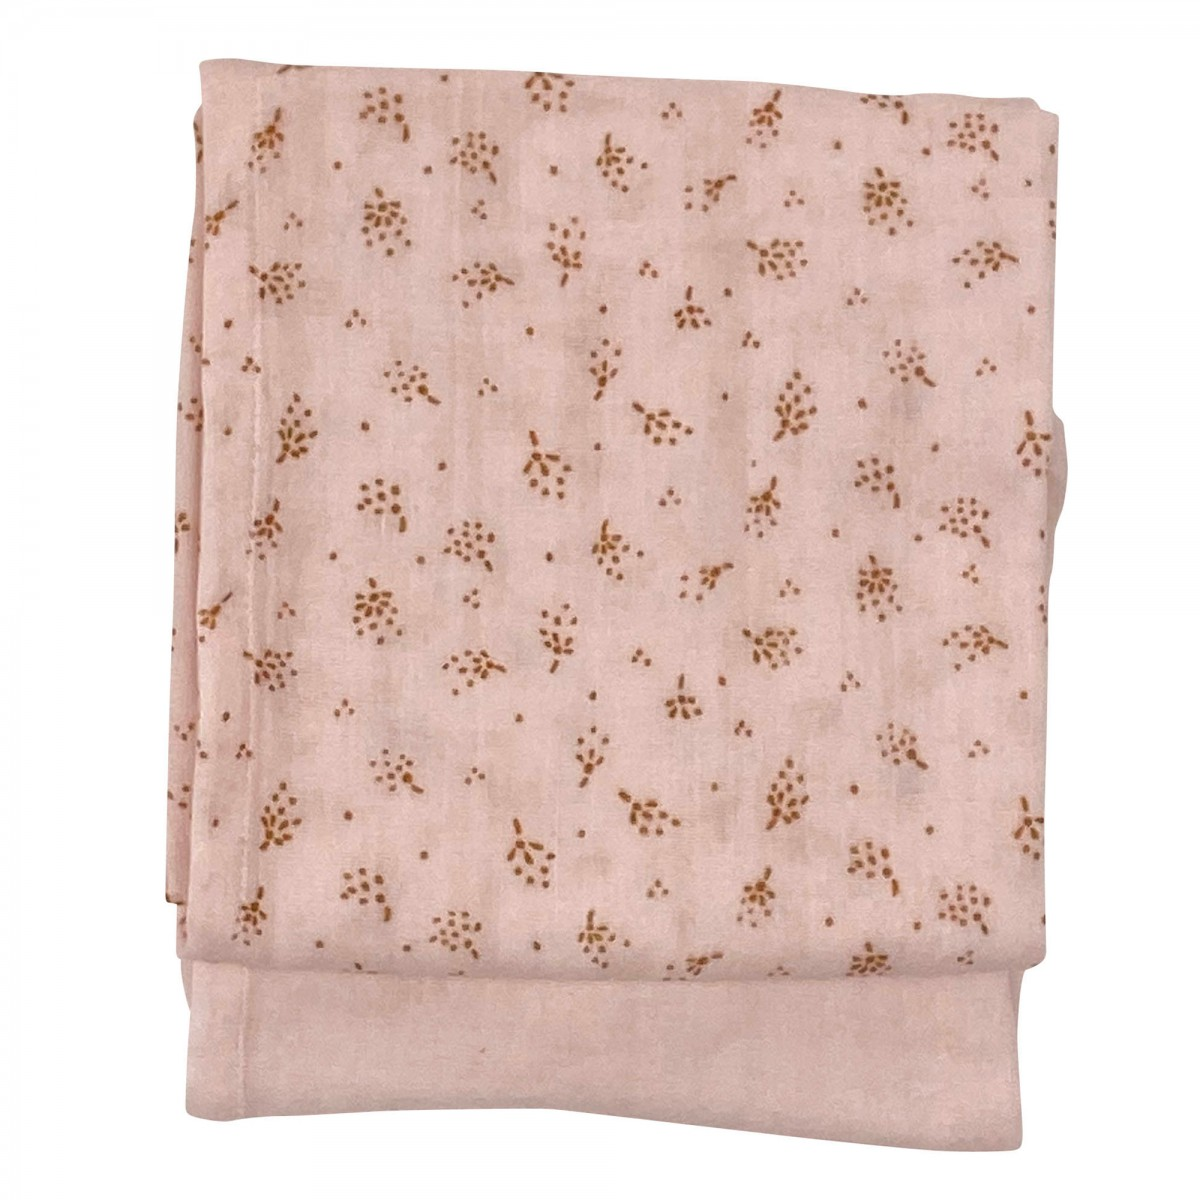 Langes en gaze de coton biologique à motifs rose clair